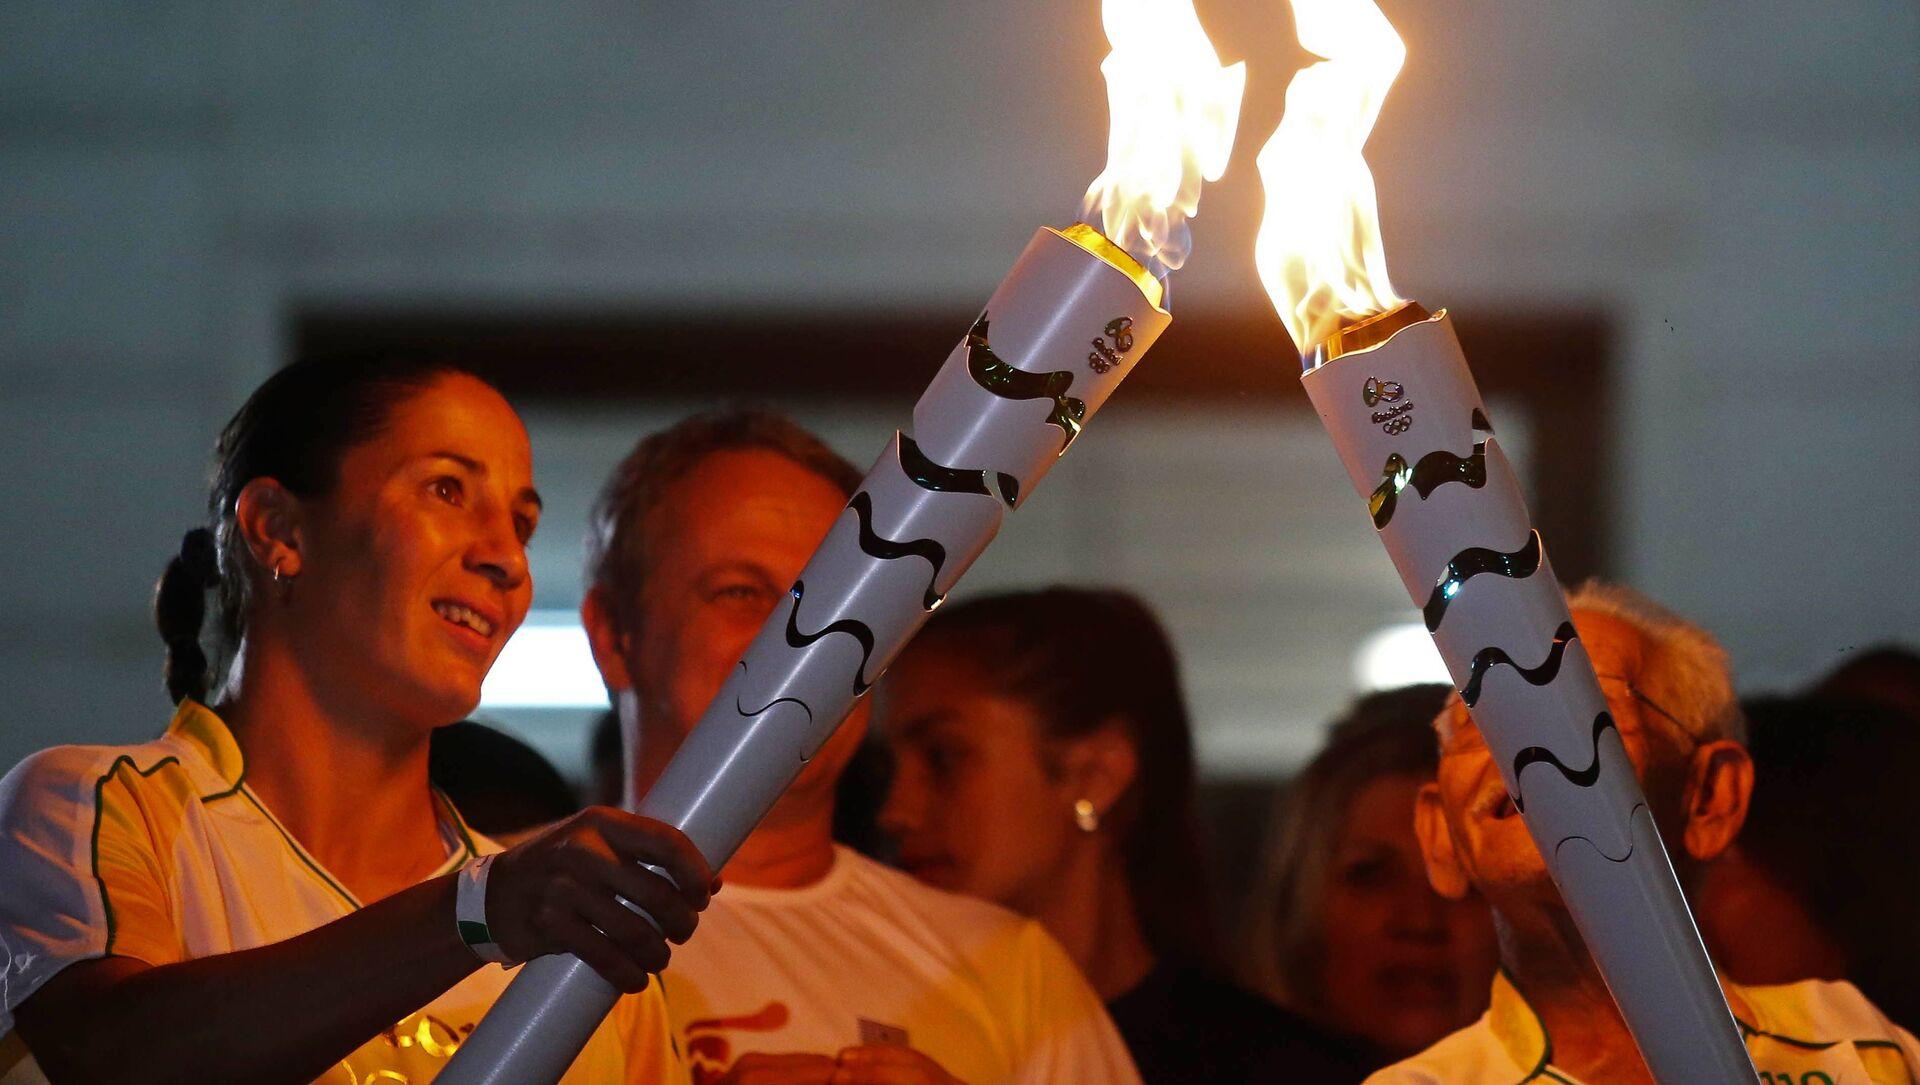 Спортсмены участвуют в эстафете олимпийского огня в Бразилии - Sputnik Грузия, 1920, 03.06.2021